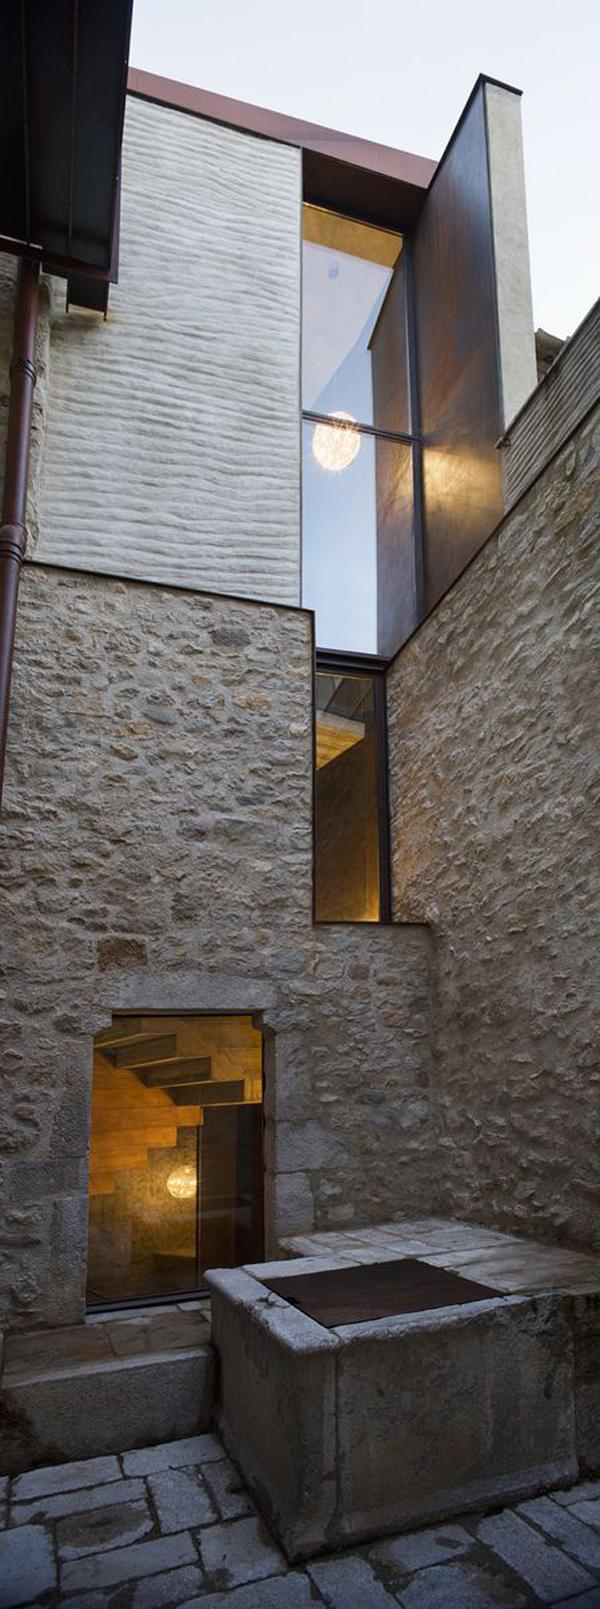 16-il-restauro-di-un-abitazione-medievale-a-girona-by-anna-noguera